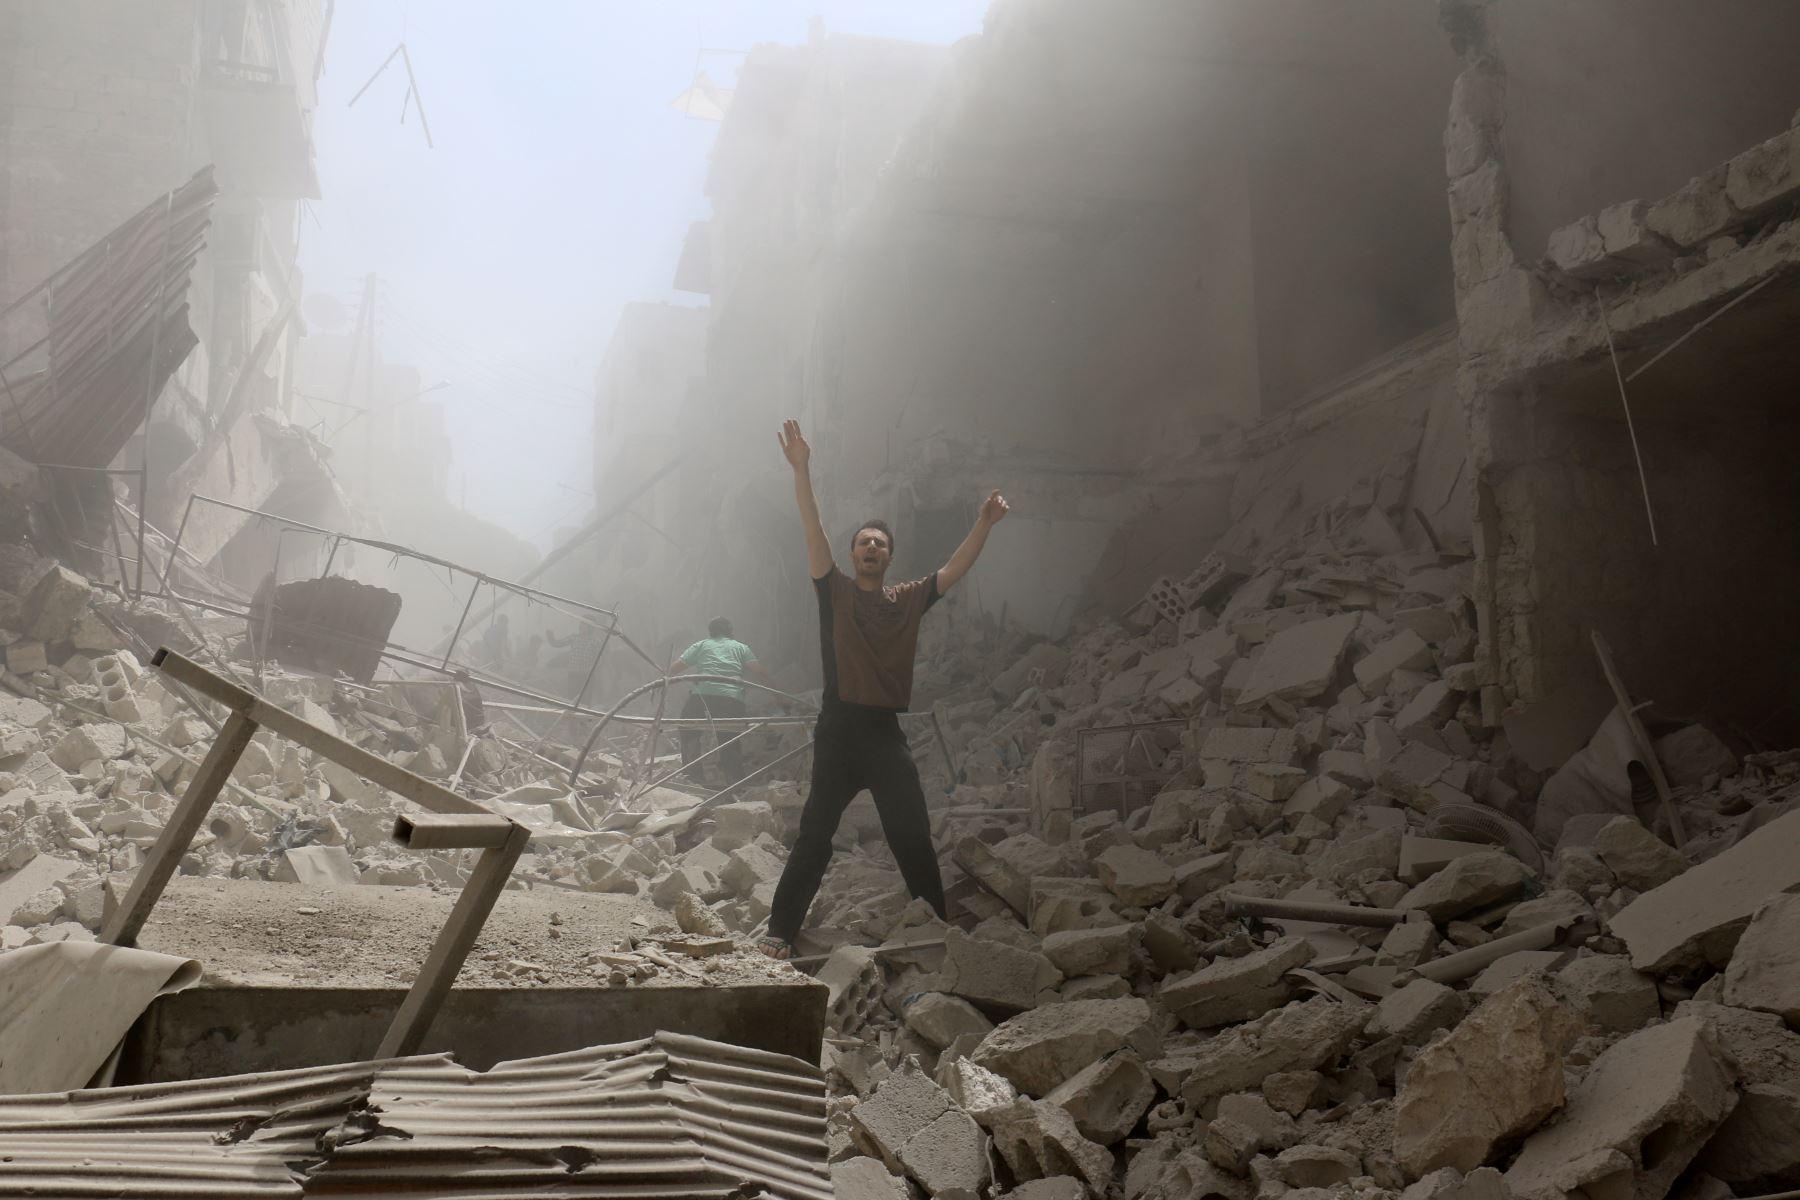 Siria: ejército se prepara para tomar Alepo tras semana de combates que dejó 200 muertos. Foto: AFP